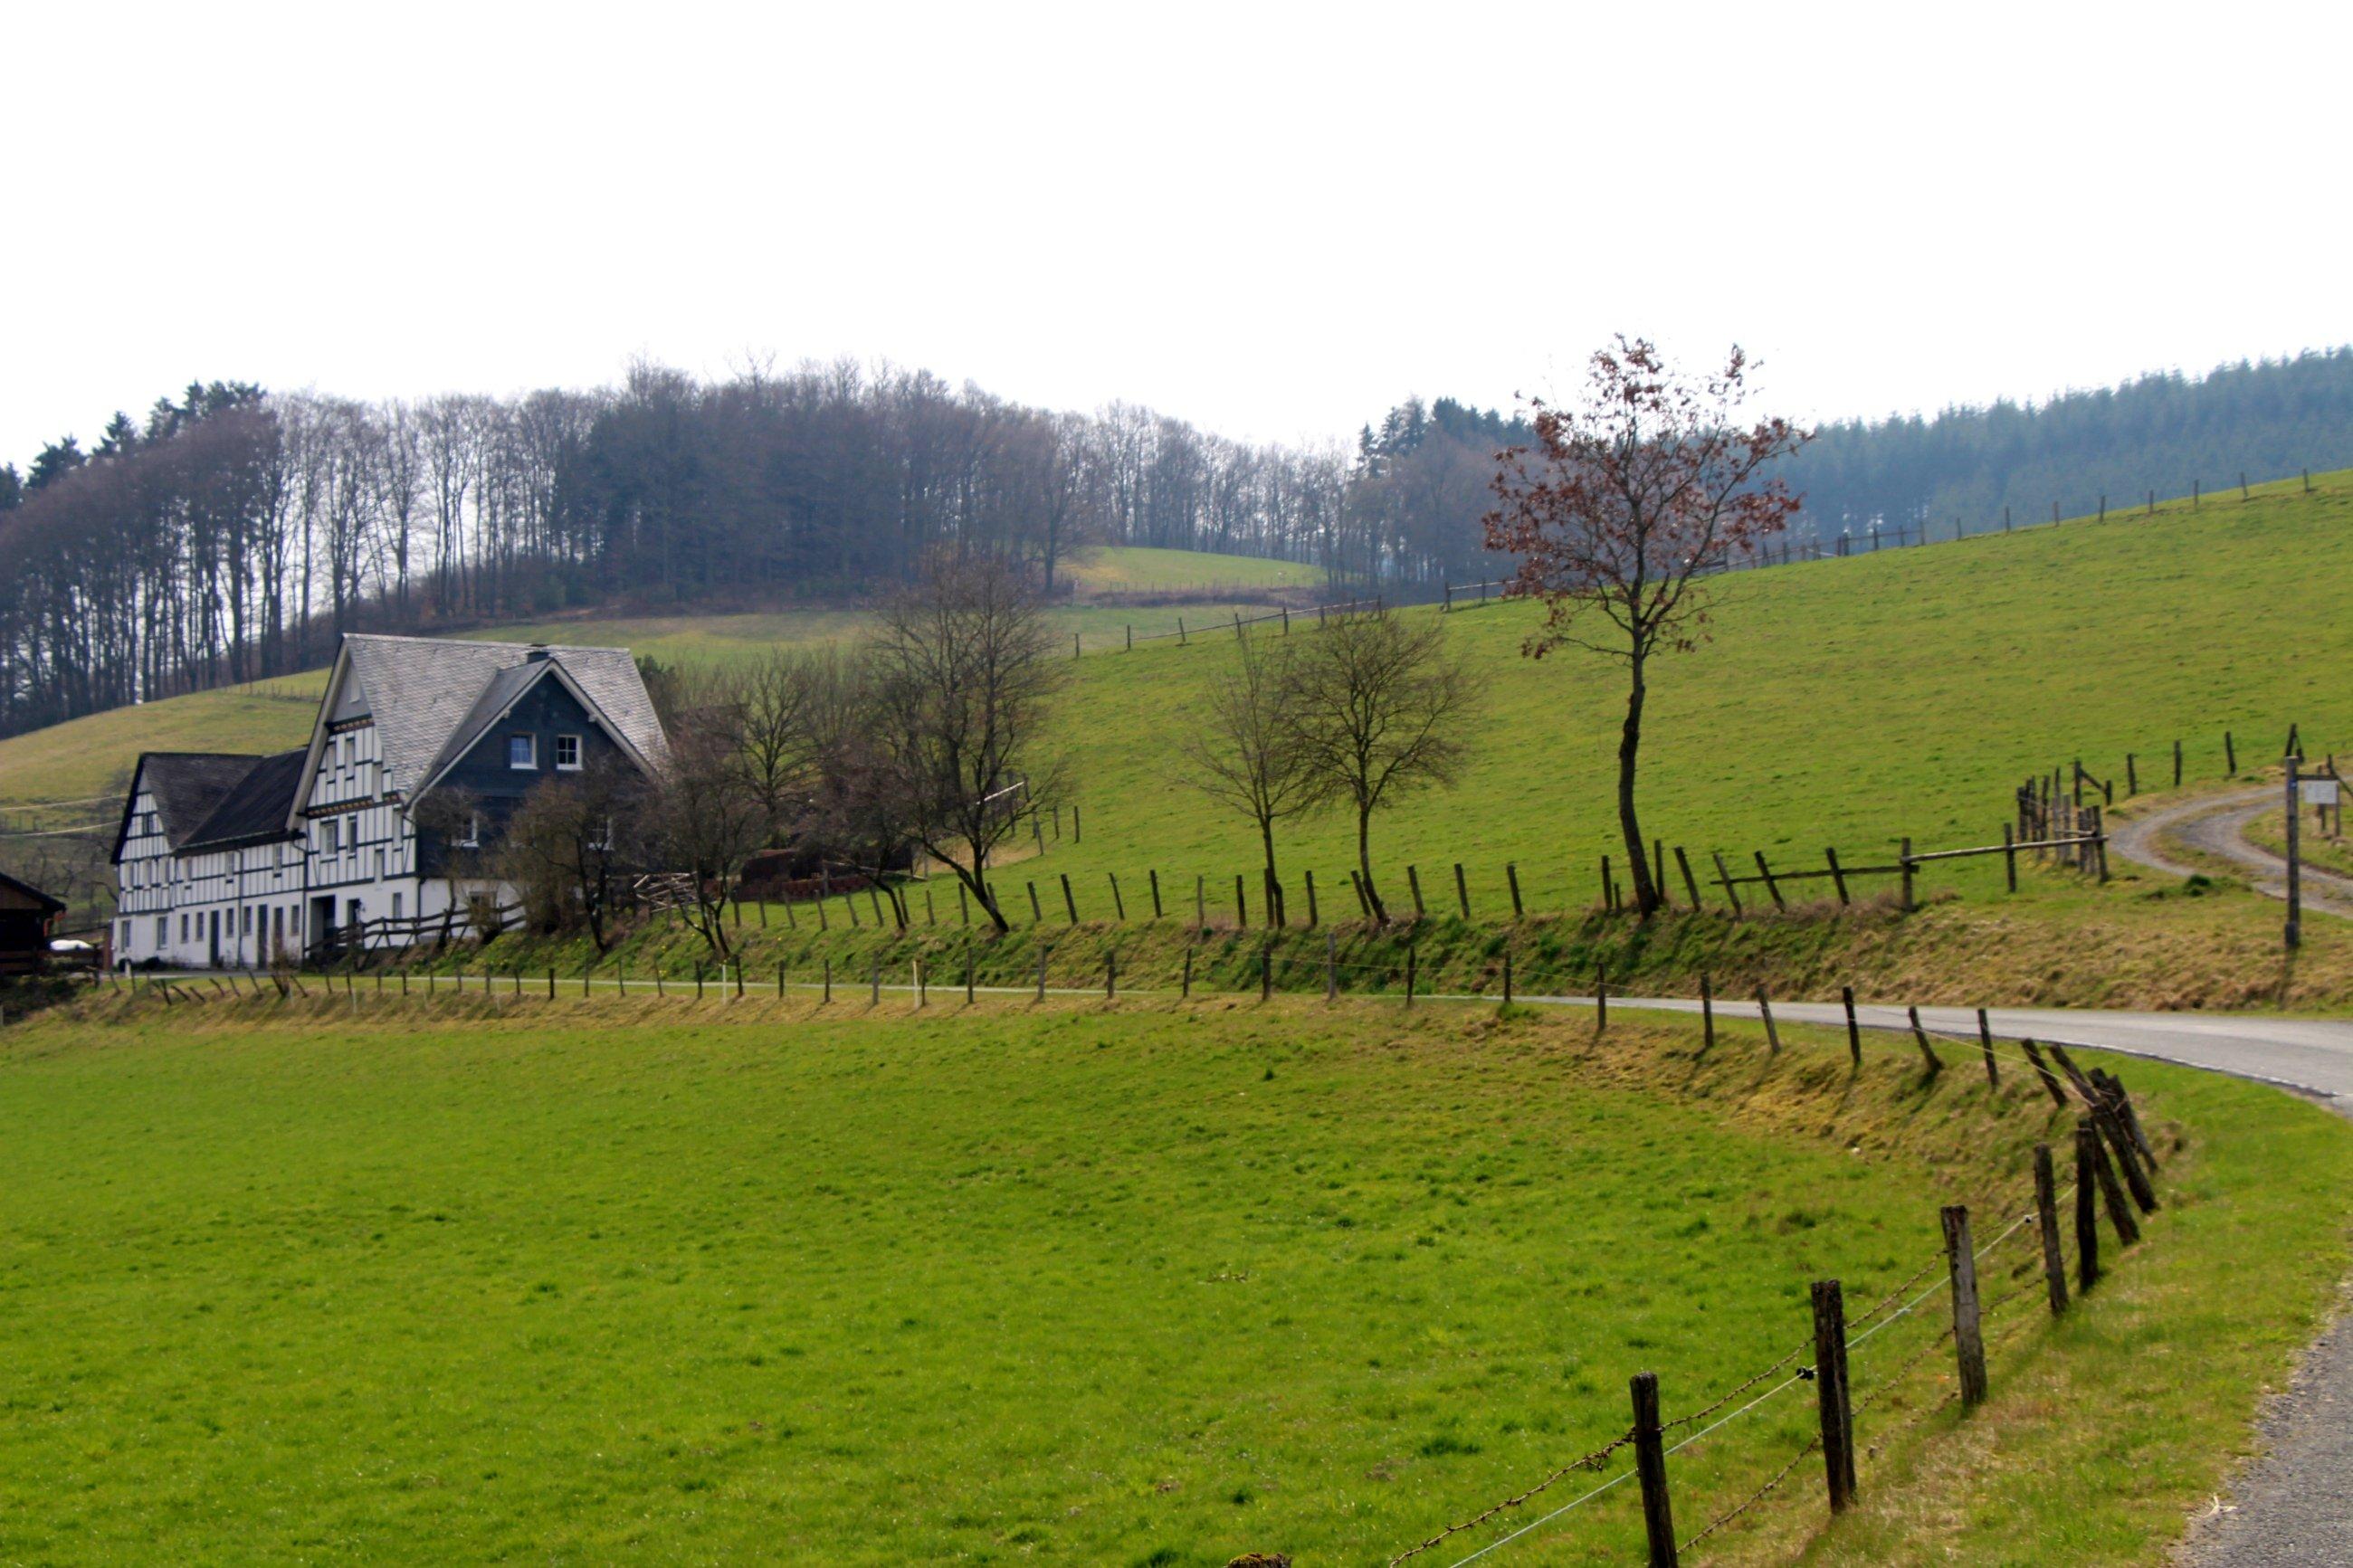 Der SGV Dortmund-Aplerbeck bietet auch während der Corona-Pandemie Wanderungen an. (Symbolfoto: Verein)